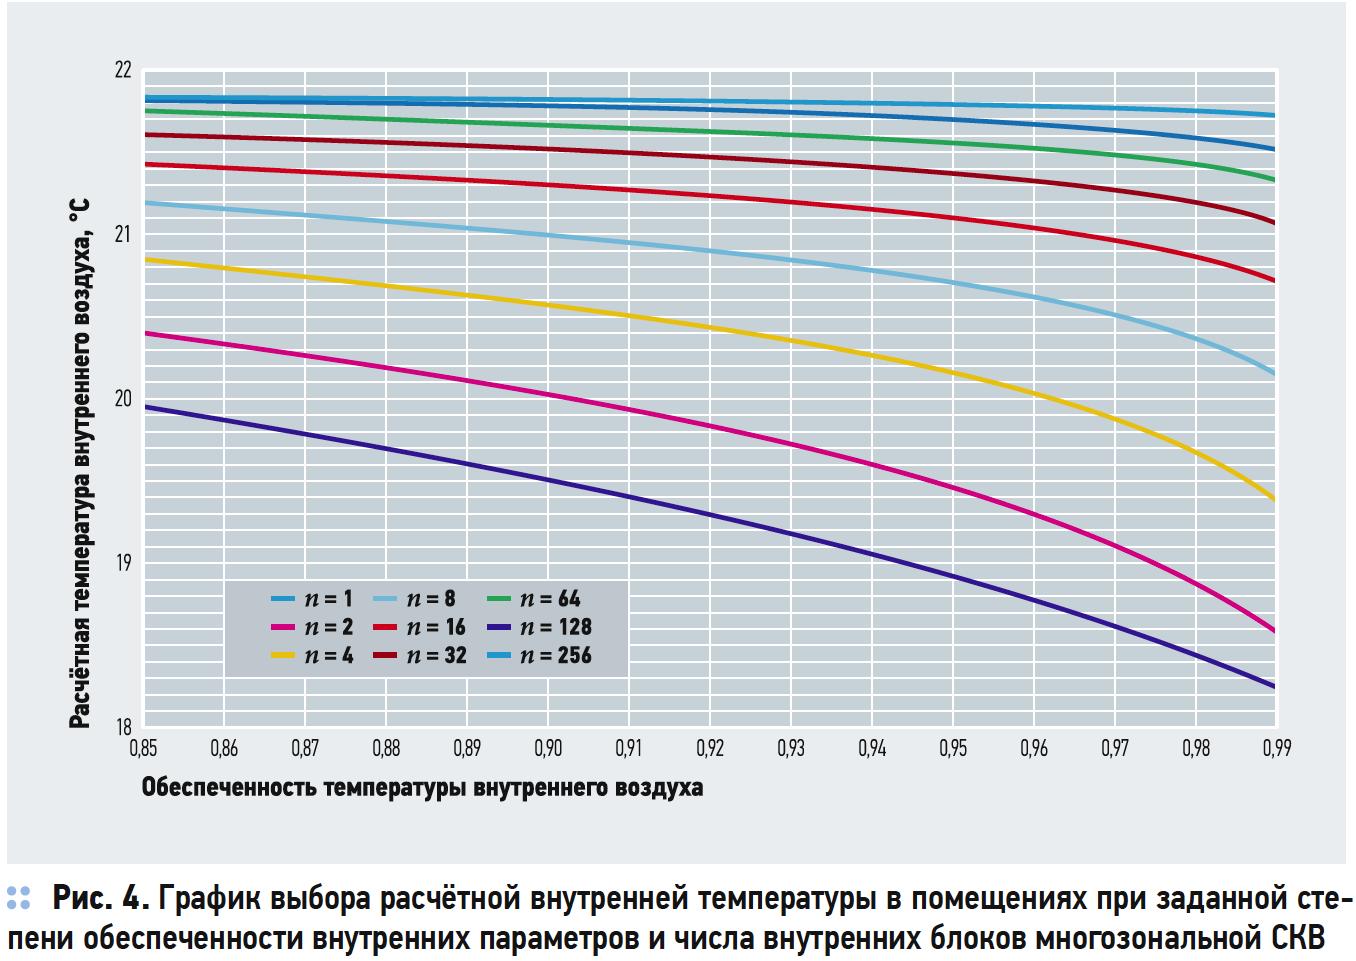 График выбора расчётной внутренней температуры в помещениях при заданной степени обеспеченности внутренних параметров и числа внутренних блоков многозональной СКВ